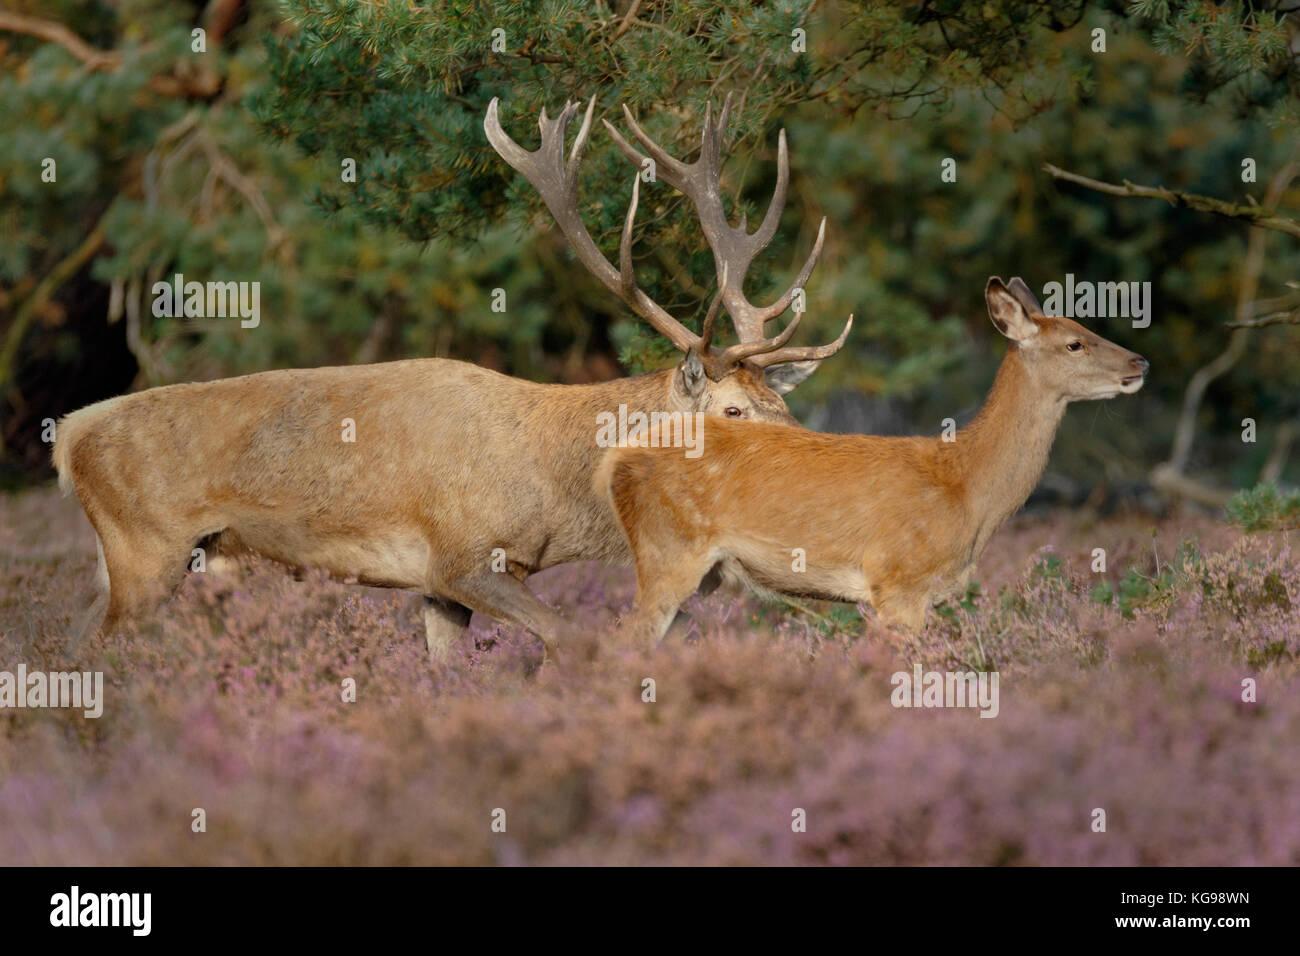 Red Deer (Cervus elaphus) Hoge Veluwe National Park, Netherland, Europe Stock Photo